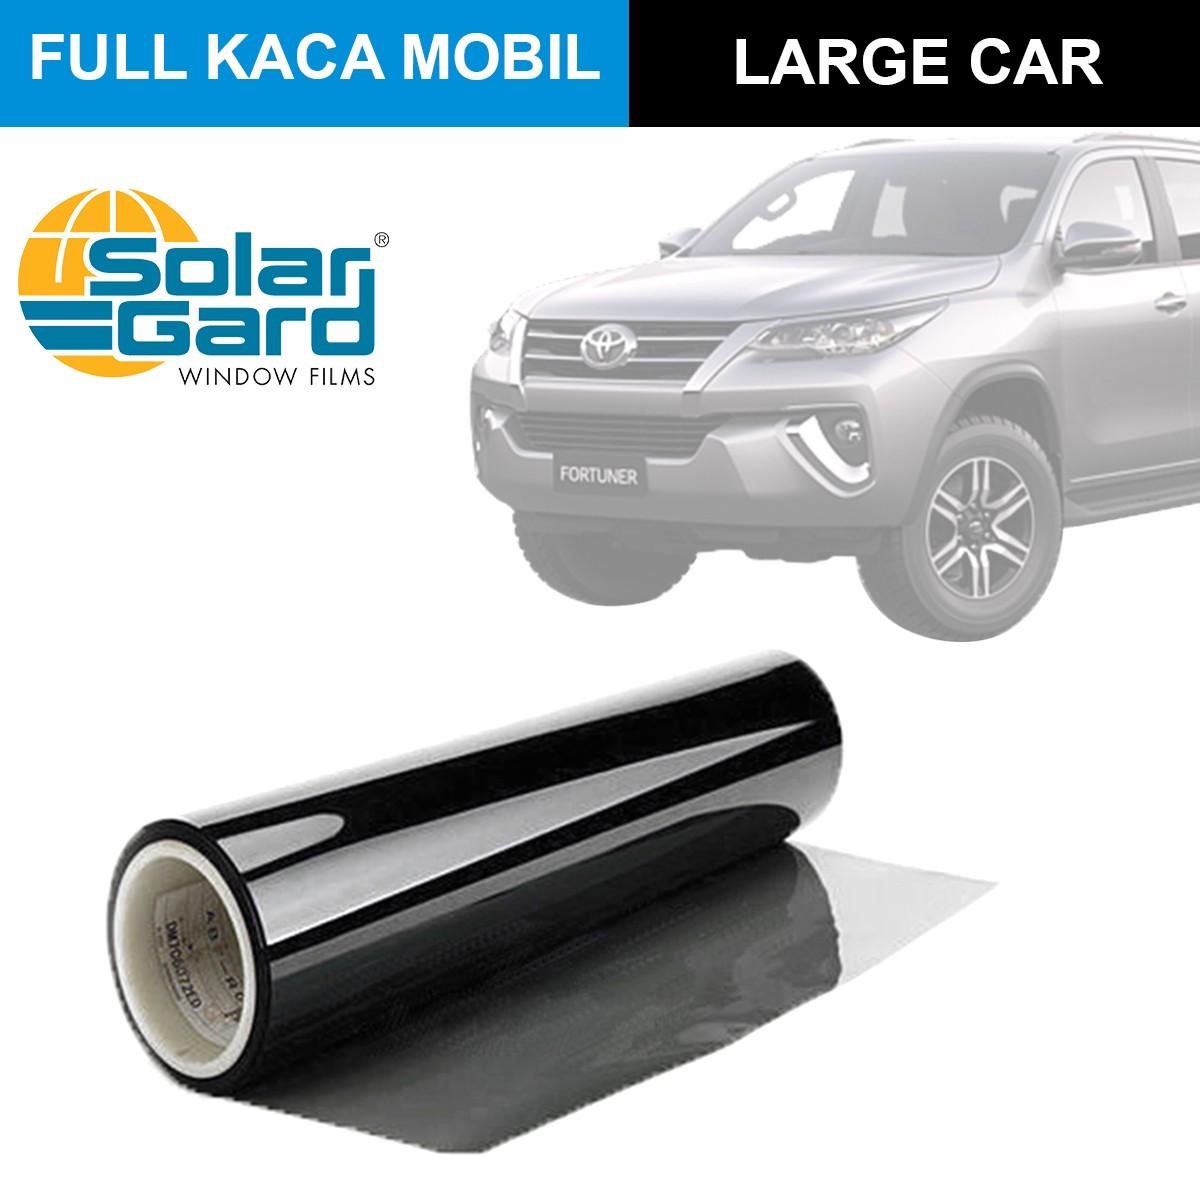 KACA FILM SOLAR GARD BEST PERFORMANCE - (LARGE CAR) FULL KACA